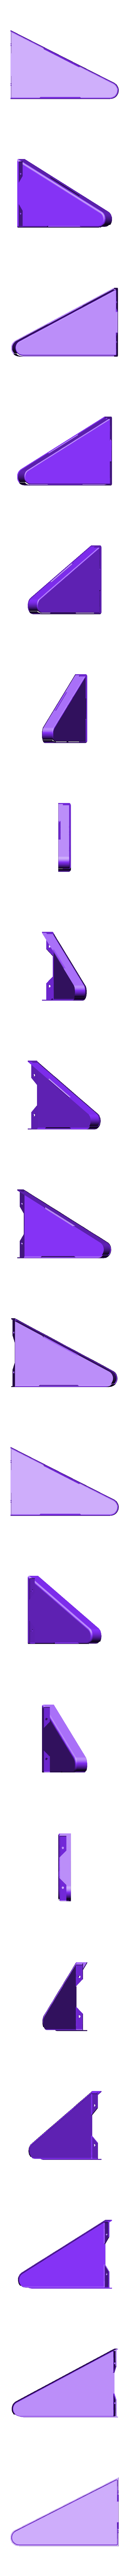 body-left-top.stl Download free STL file MX MIDI Guitar • 3D print model, Adafruit